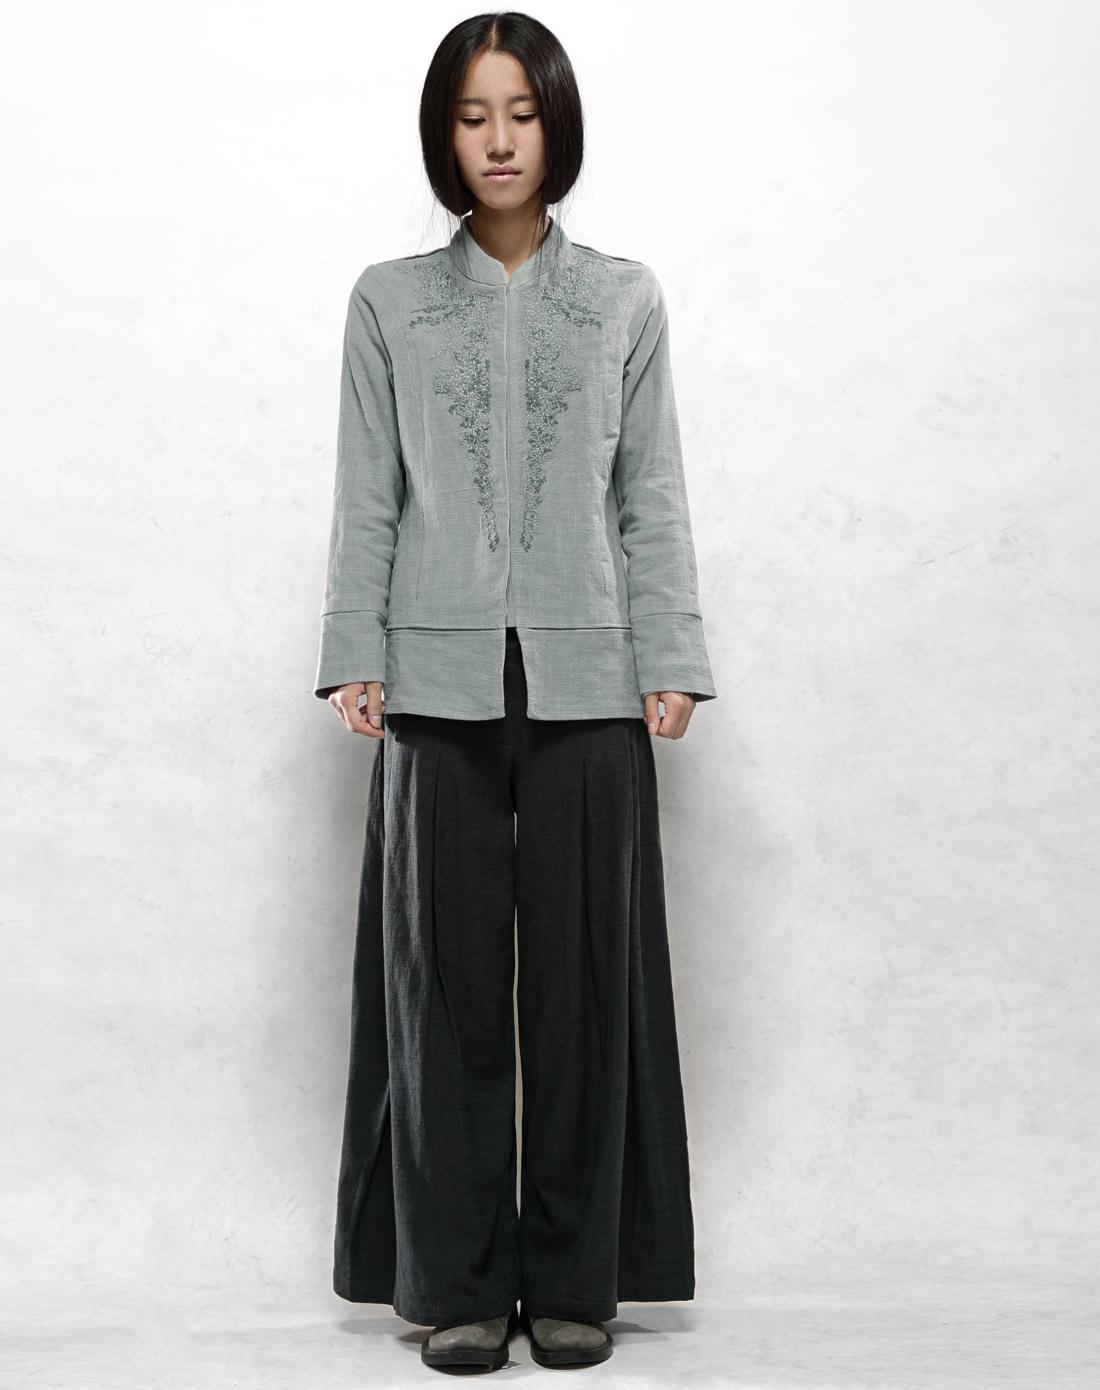 素缕souline铅灰色《冬藏》长袖刺绣棉衣sl24650176图片